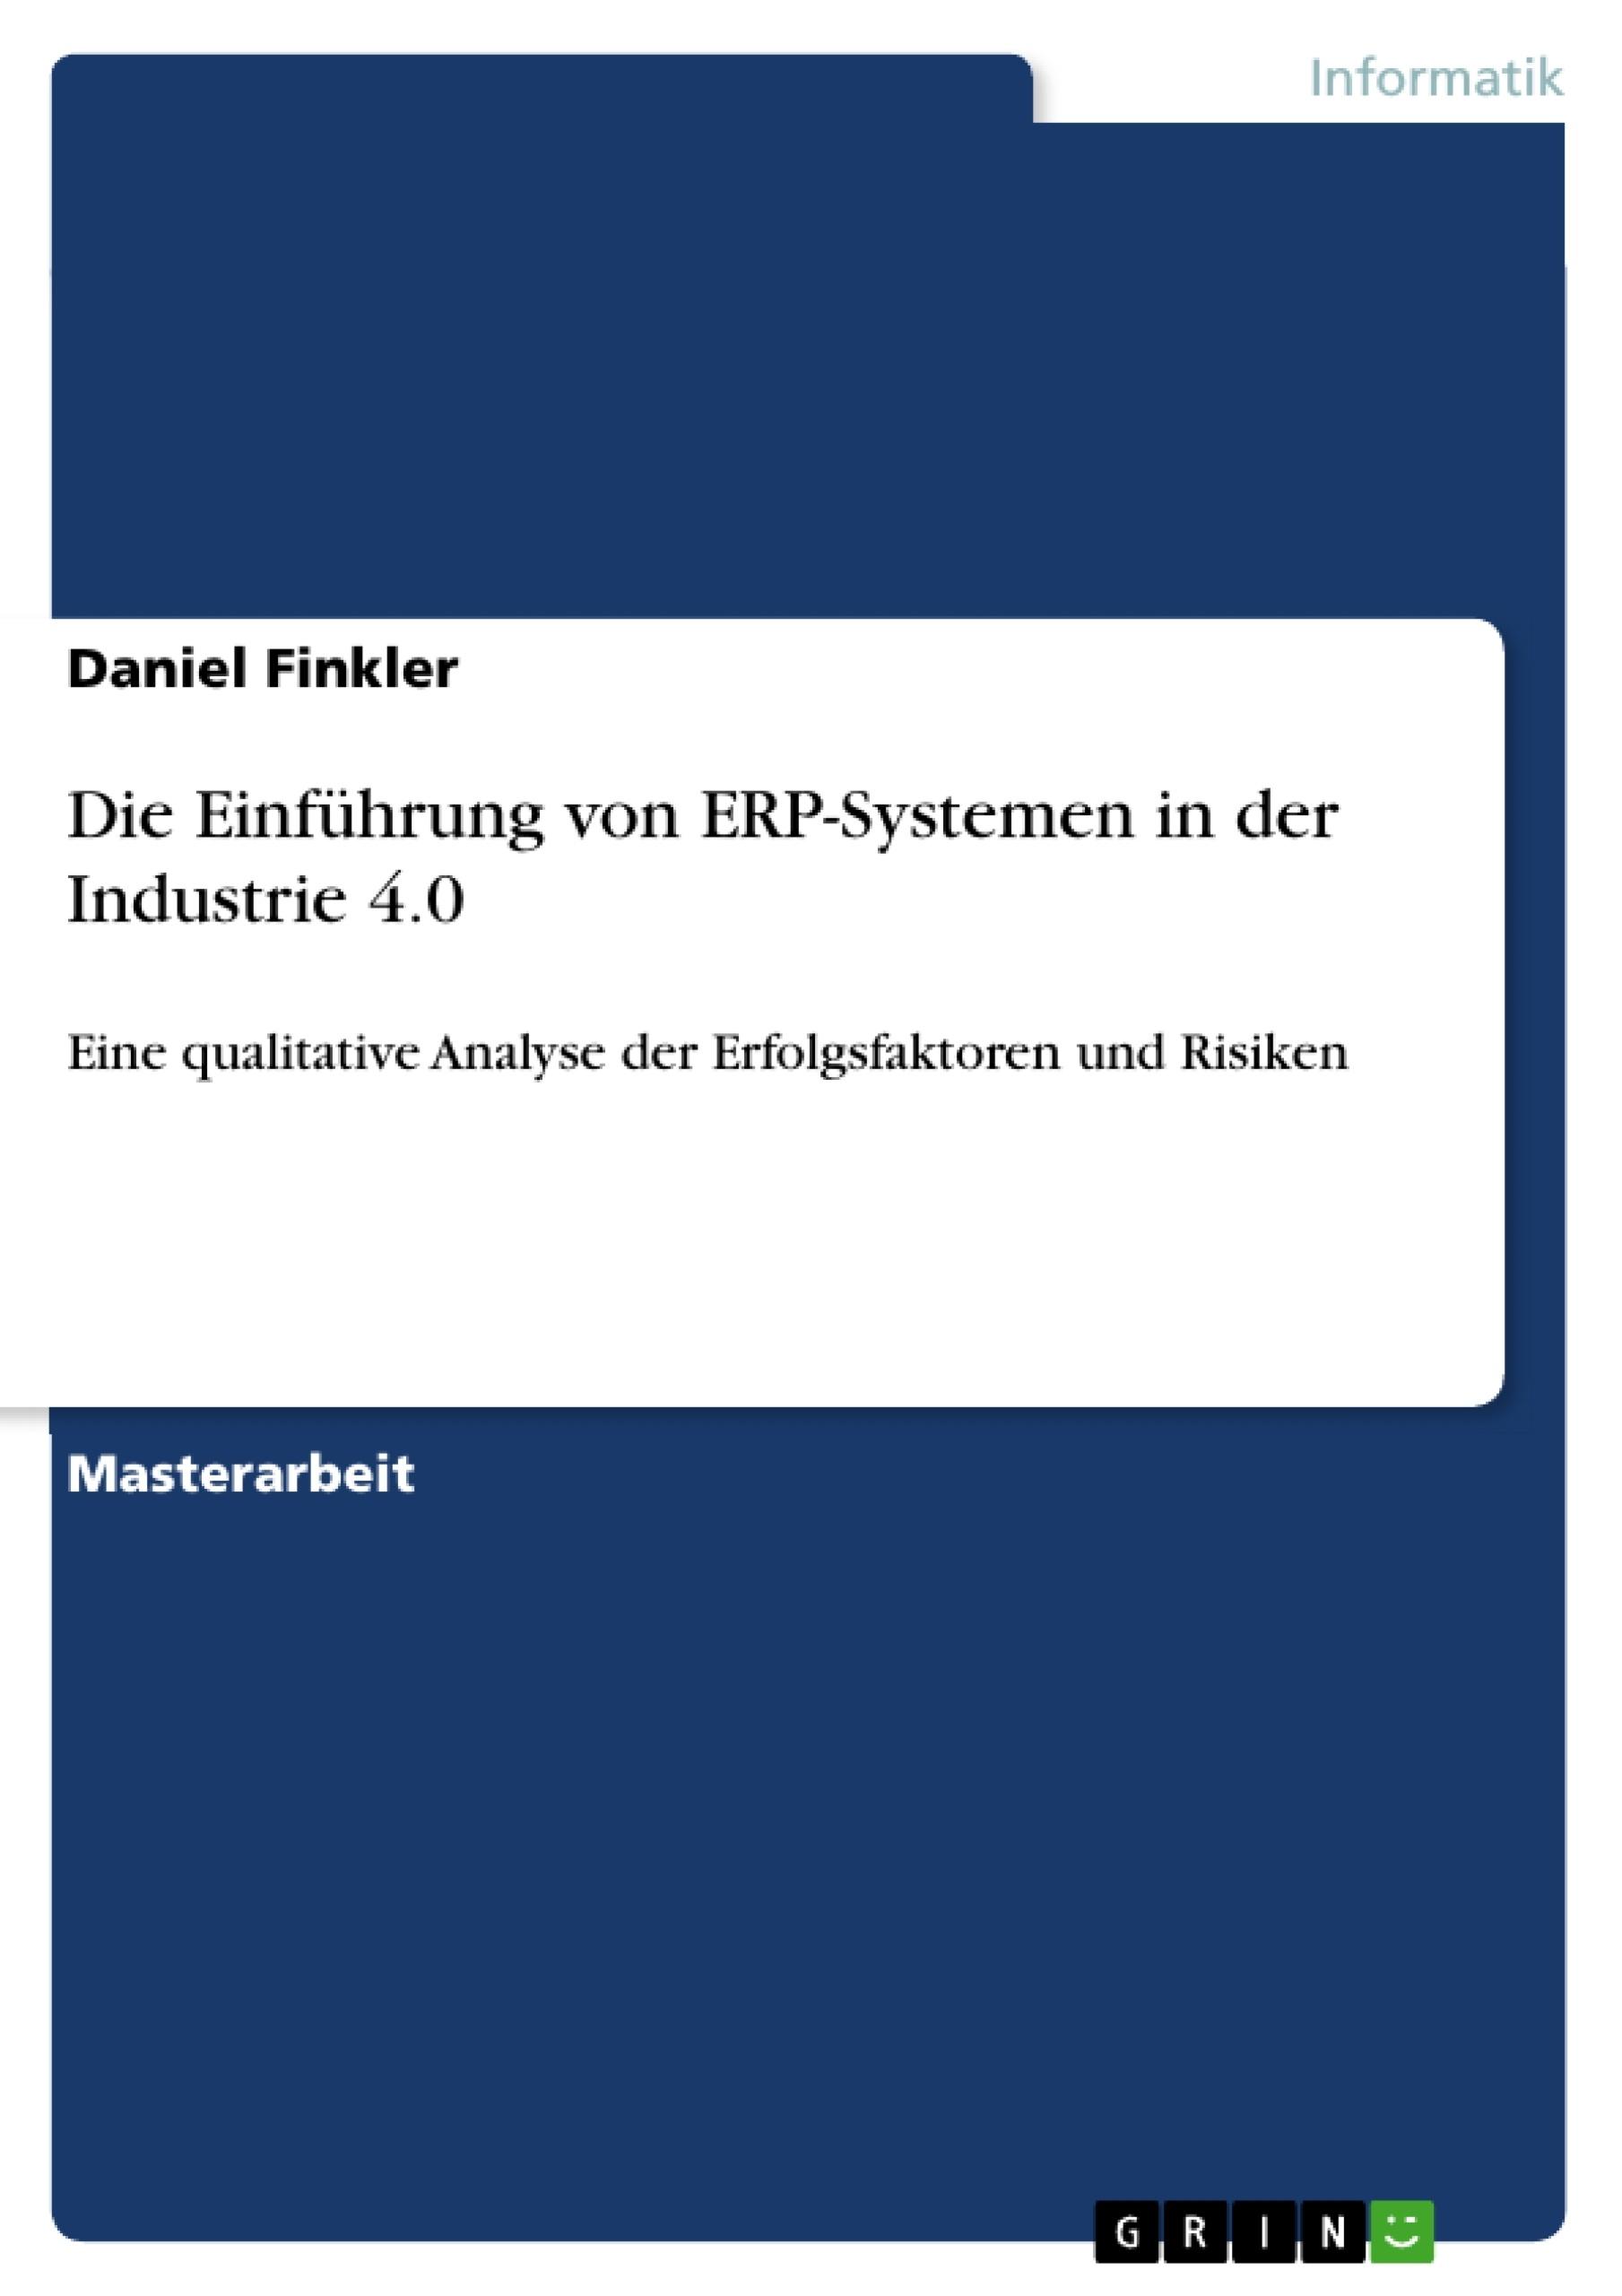 Titel: Die Einführung von ERP-Systemen in der Industrie 4.0